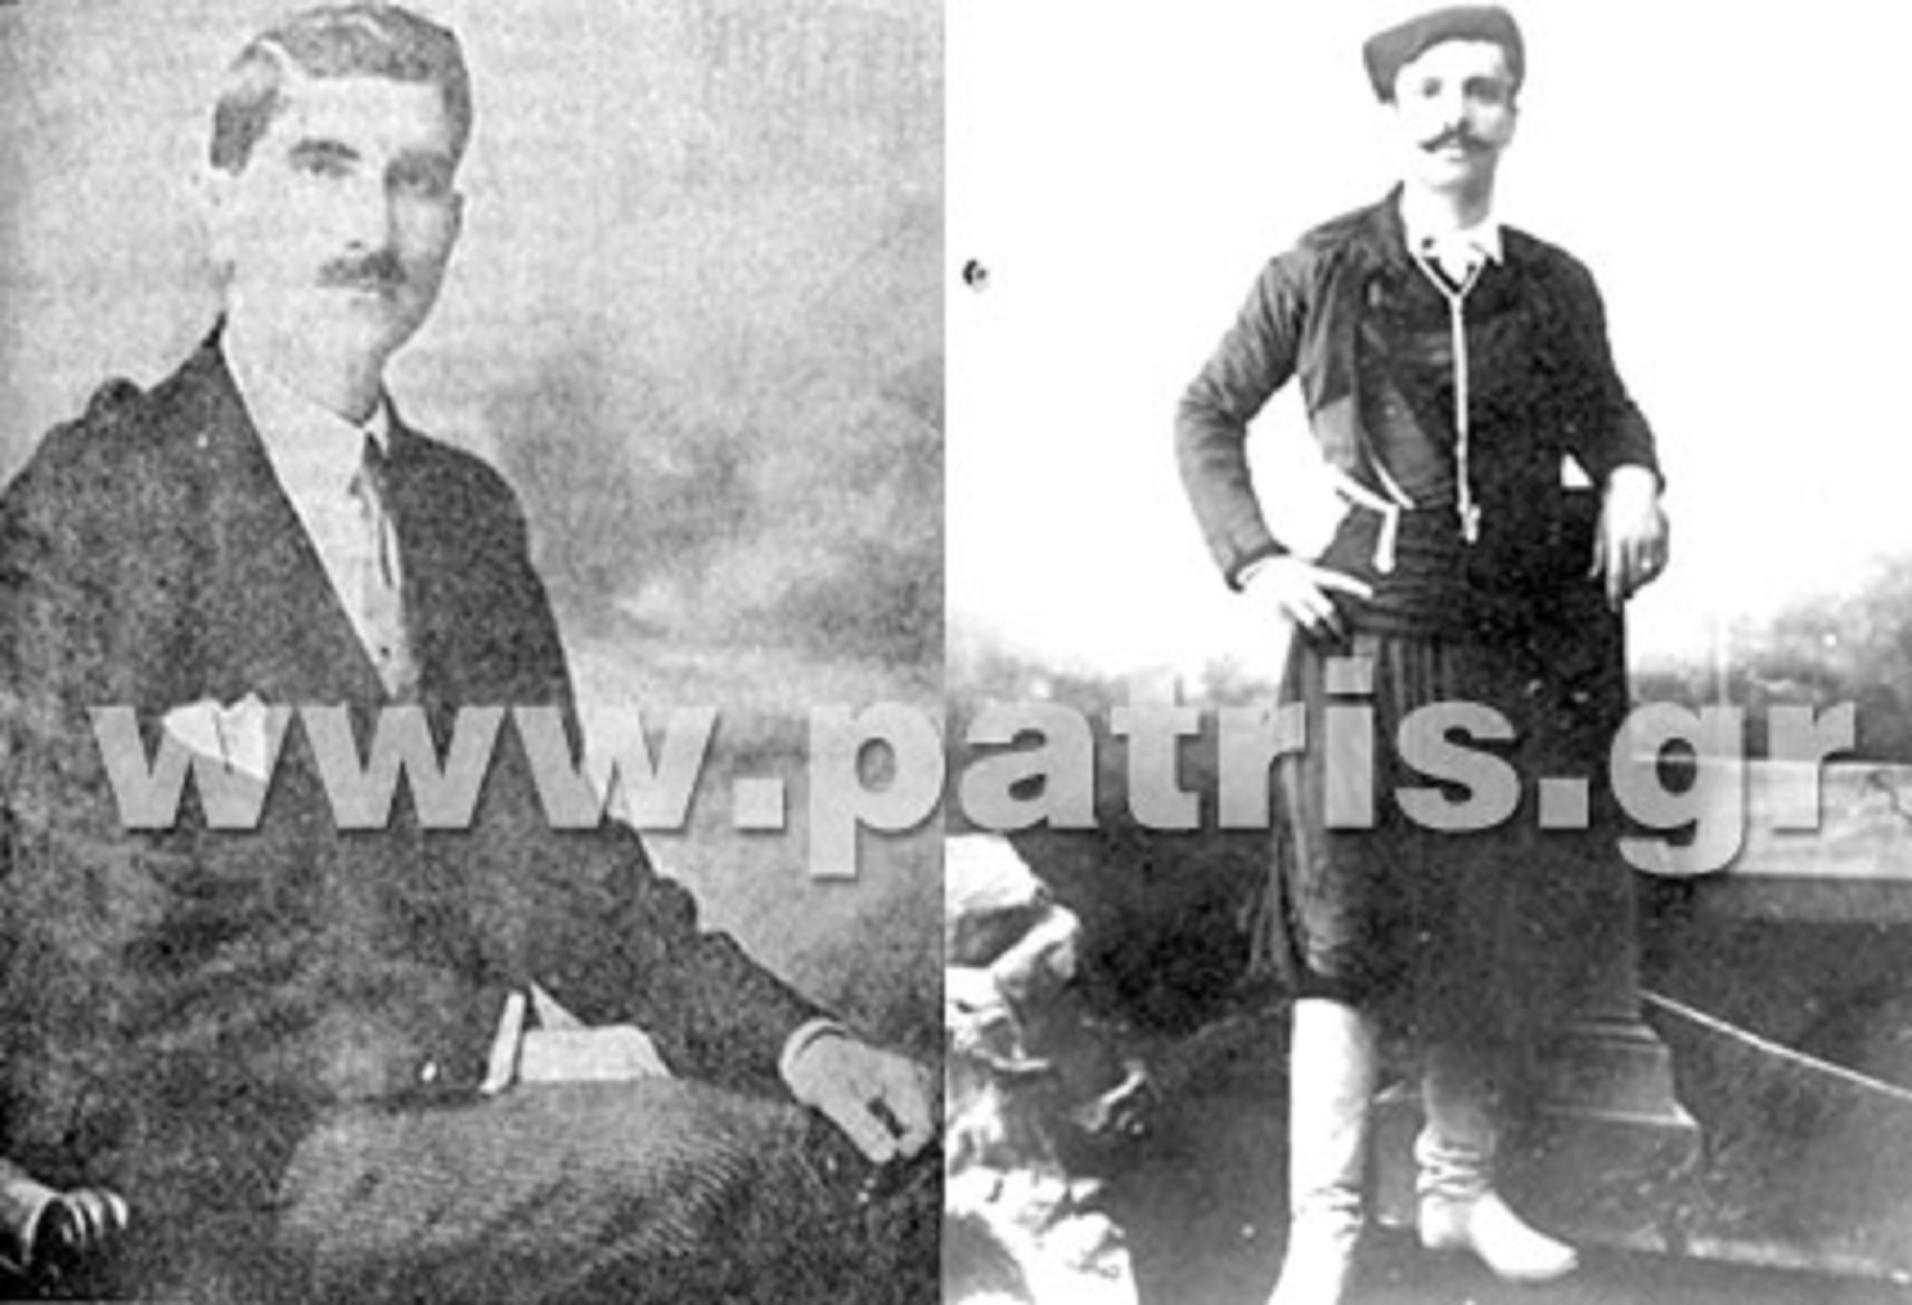 Ο γενικός διοικητής Κρήτης Τίτος Γεωργιάδης, ένας από τους 62 Μάρτυρες που εκτέλεσαν οι Γερμανοί τον Ιούνιο του 1942. Διαχειρίστηκε το πρώτο δύσκολο διάστημα της εξέγερσης του κρητικού λαού, παραιτήθηκε γύρω στις 10 Φεβρουαρίου και αντικαταστάθηκε από το στρατηγό Γεώργιο Κατεχάκη -Καπετάν Ρούβα (δεξιά) στις 7 Μαρτίου